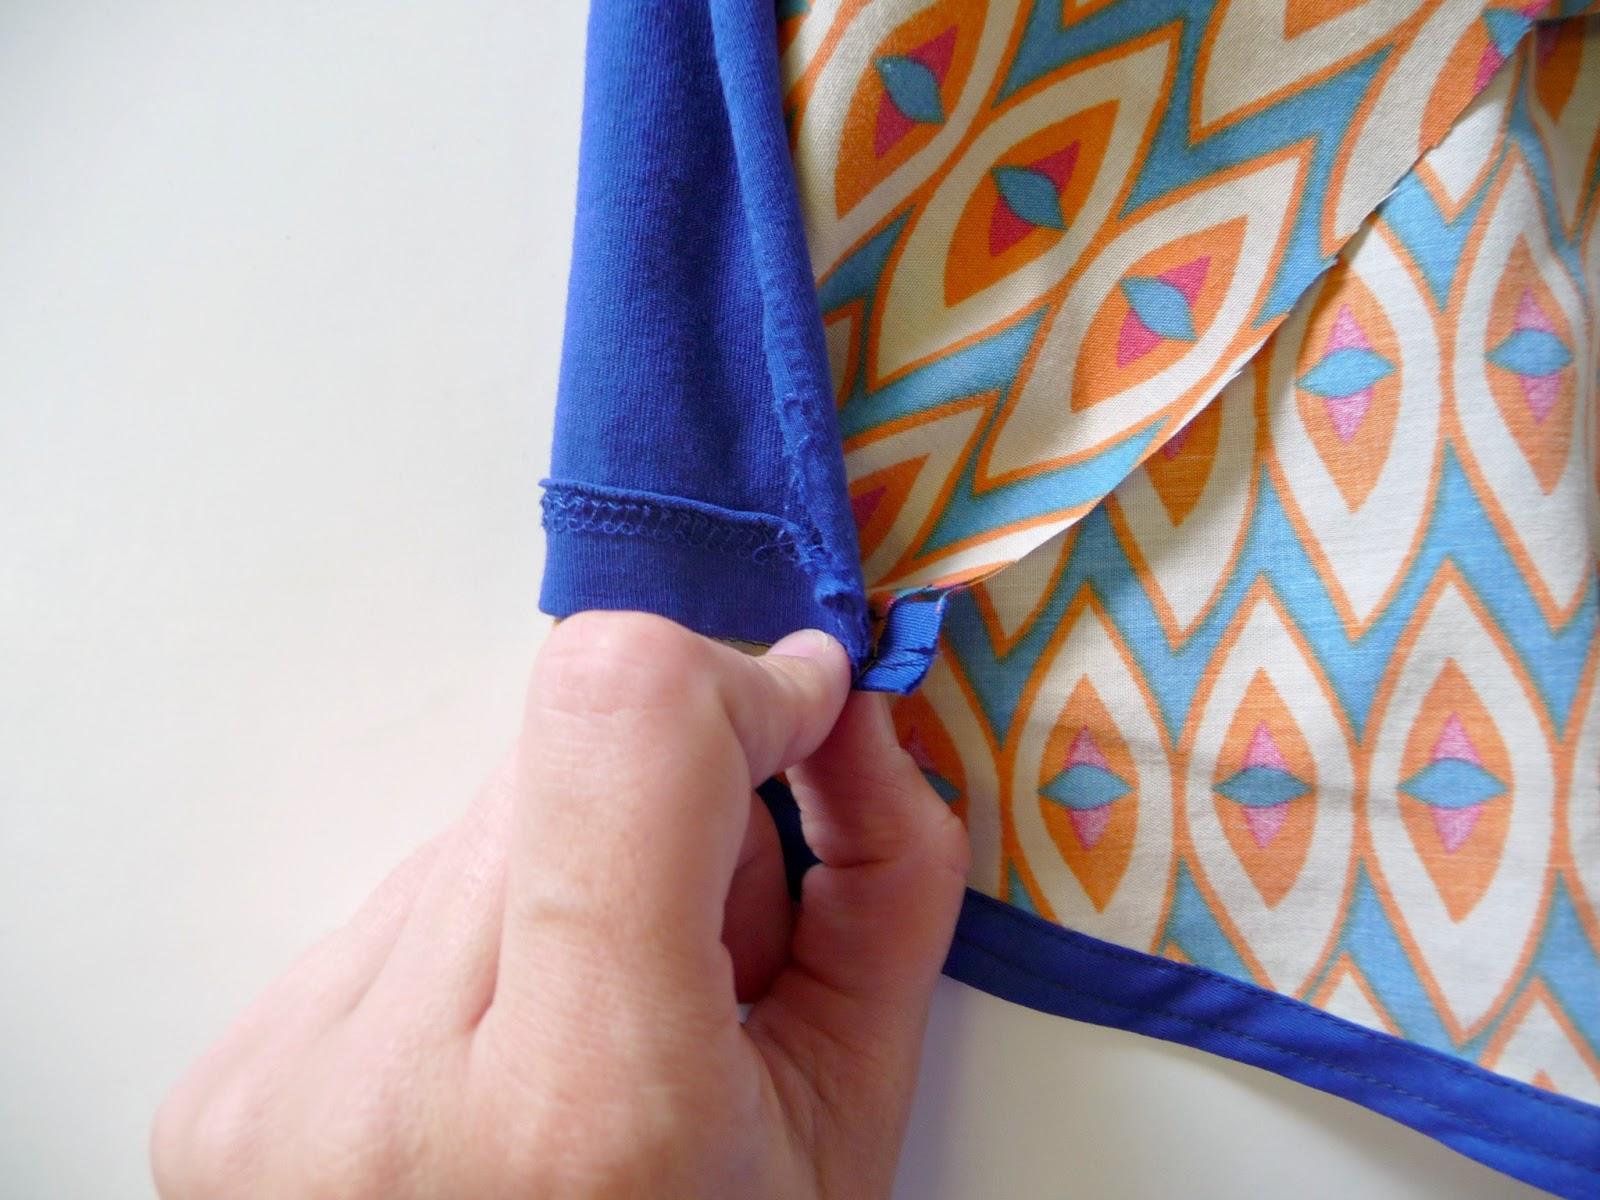 DIY anthropologie pattern pop tee knock off sewing tutorial